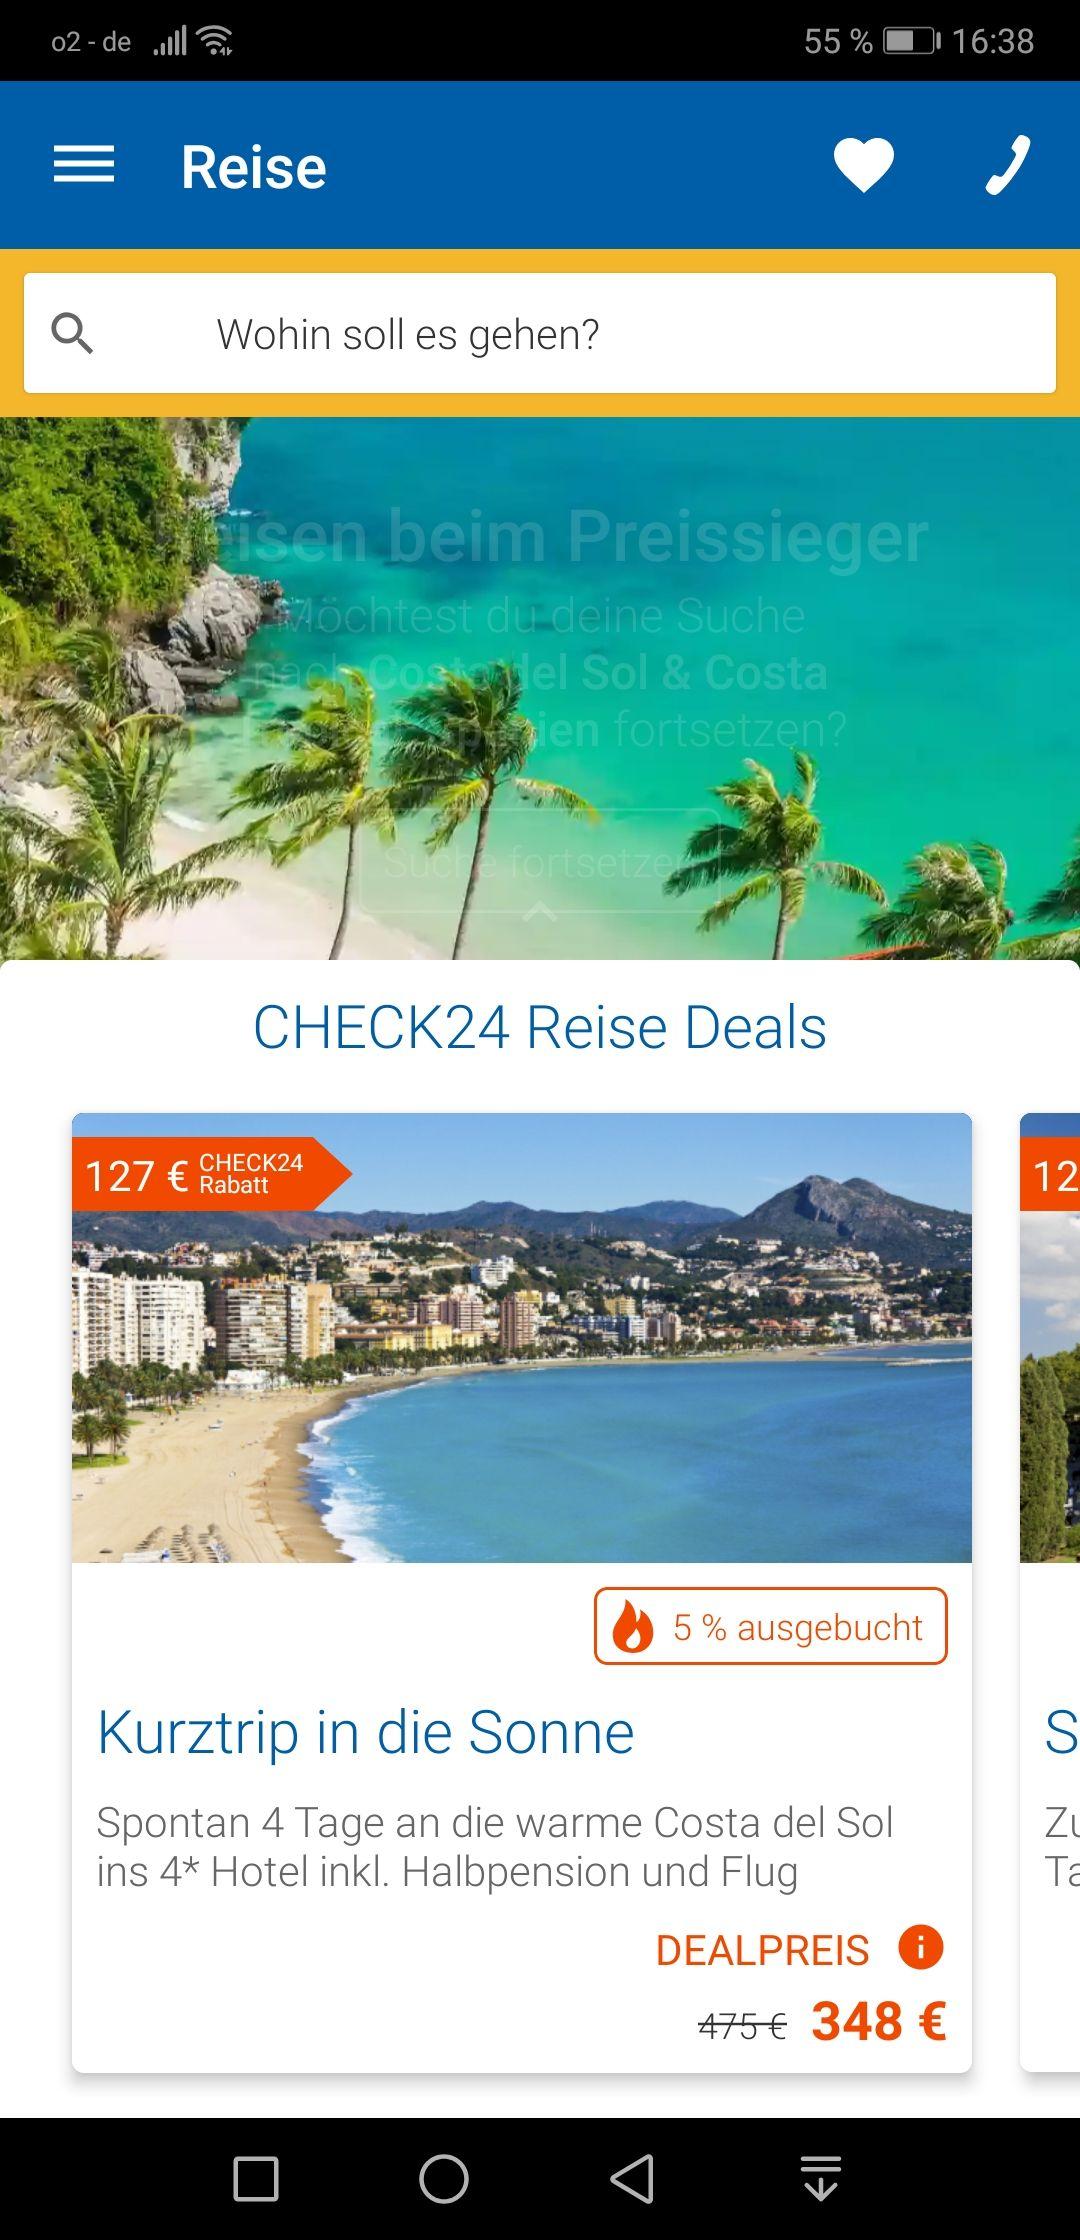 Check 24 Reisedeal Spanien 348 Euro für 4 Tage und 2 Personen inklusive Halbpension und Flug